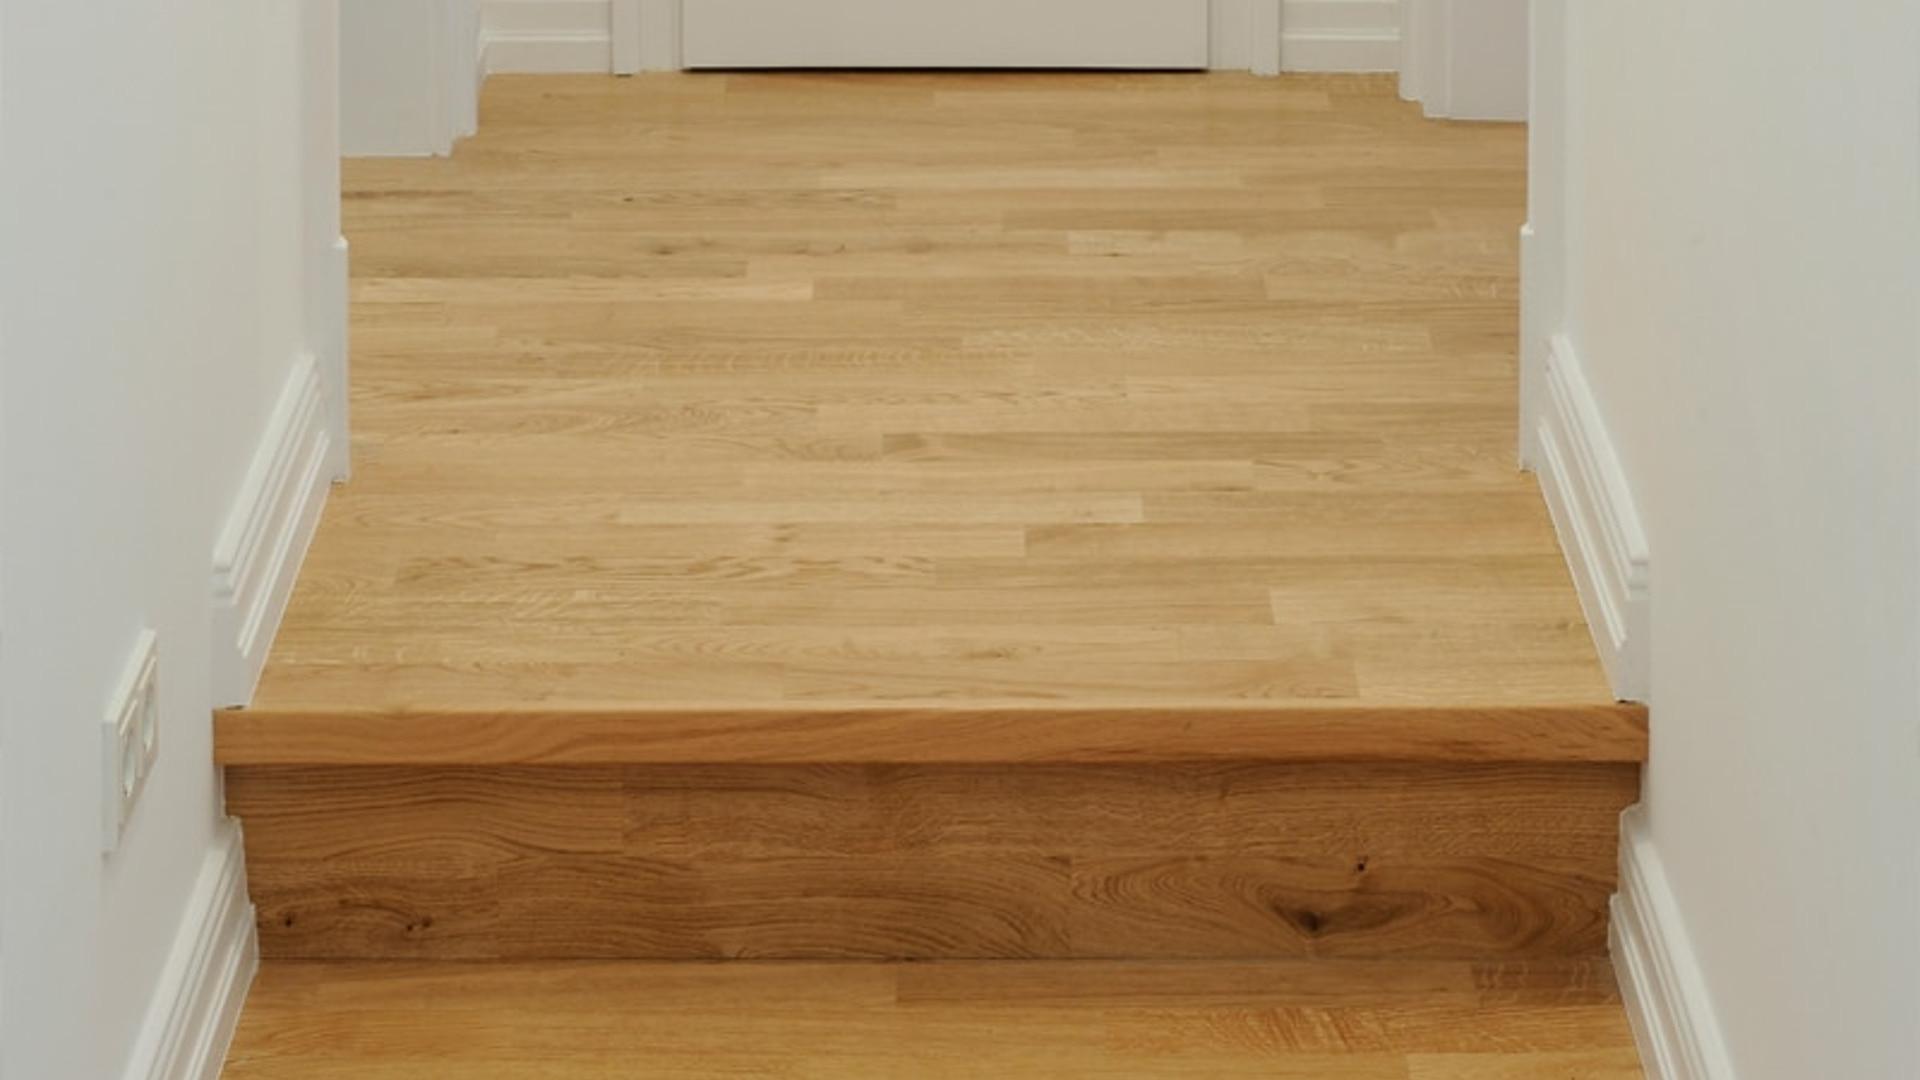 Fußboden Verlegen Trier ~ Fußboden trier scholtes meisterbetrieb gmbh in trier referenzen